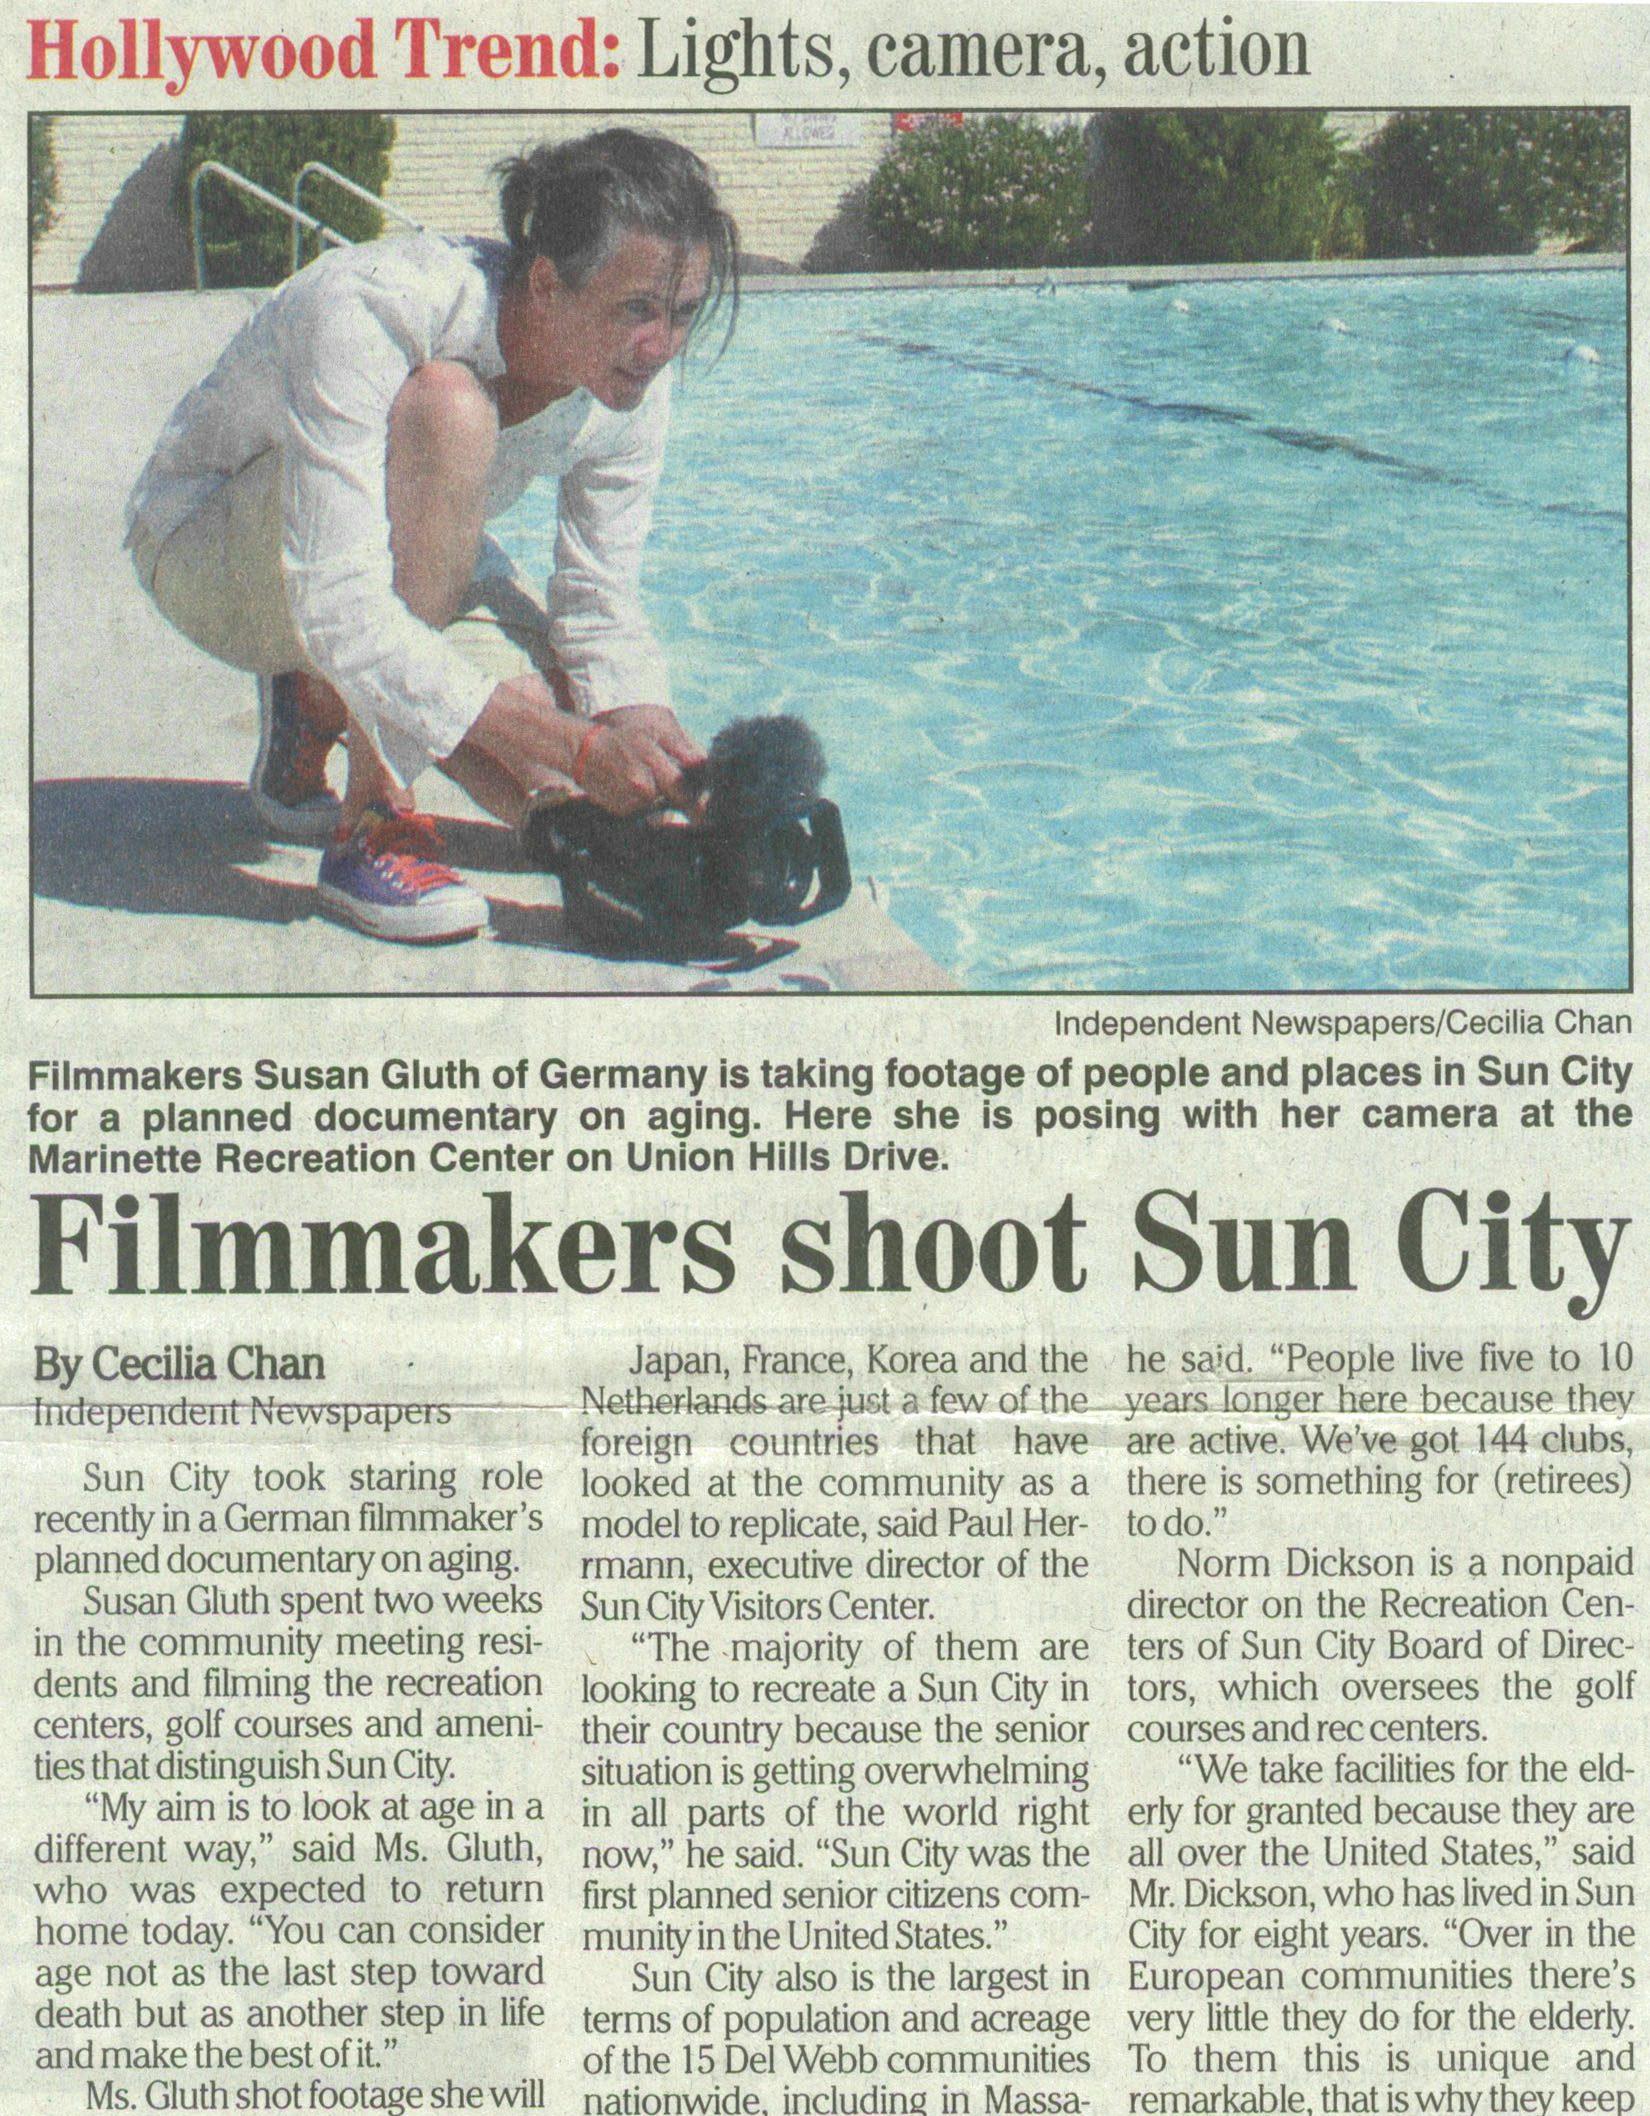 Zeitungsartikel über Susan Gluth bei den Filmarbeiten in Sun City in englischer Sprache